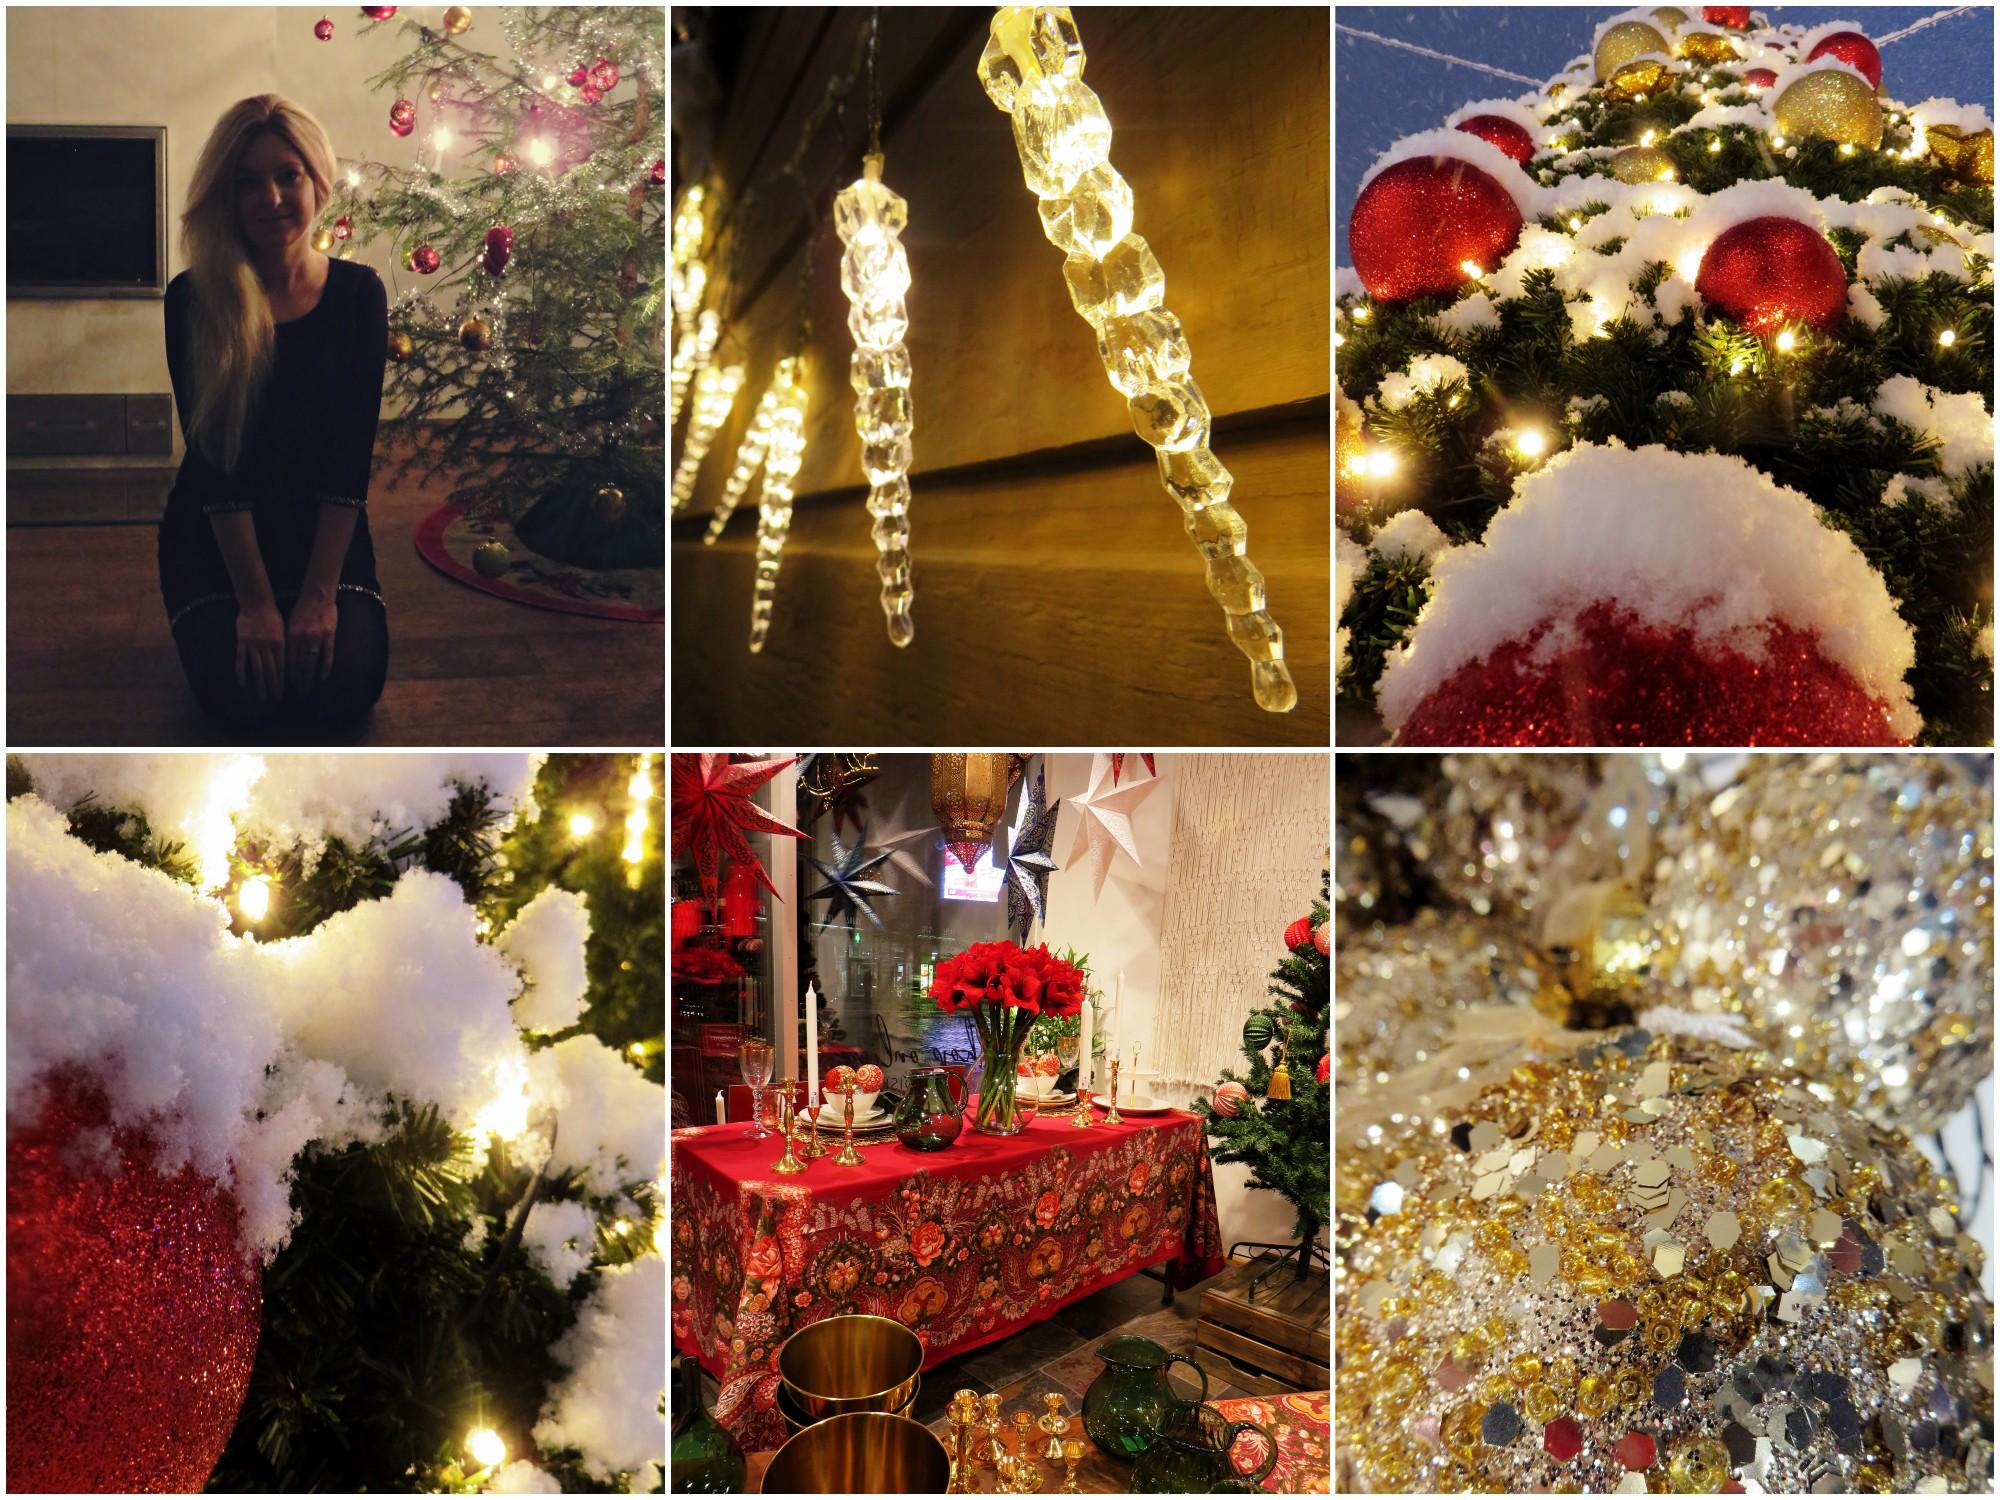 joulunjälkeen4